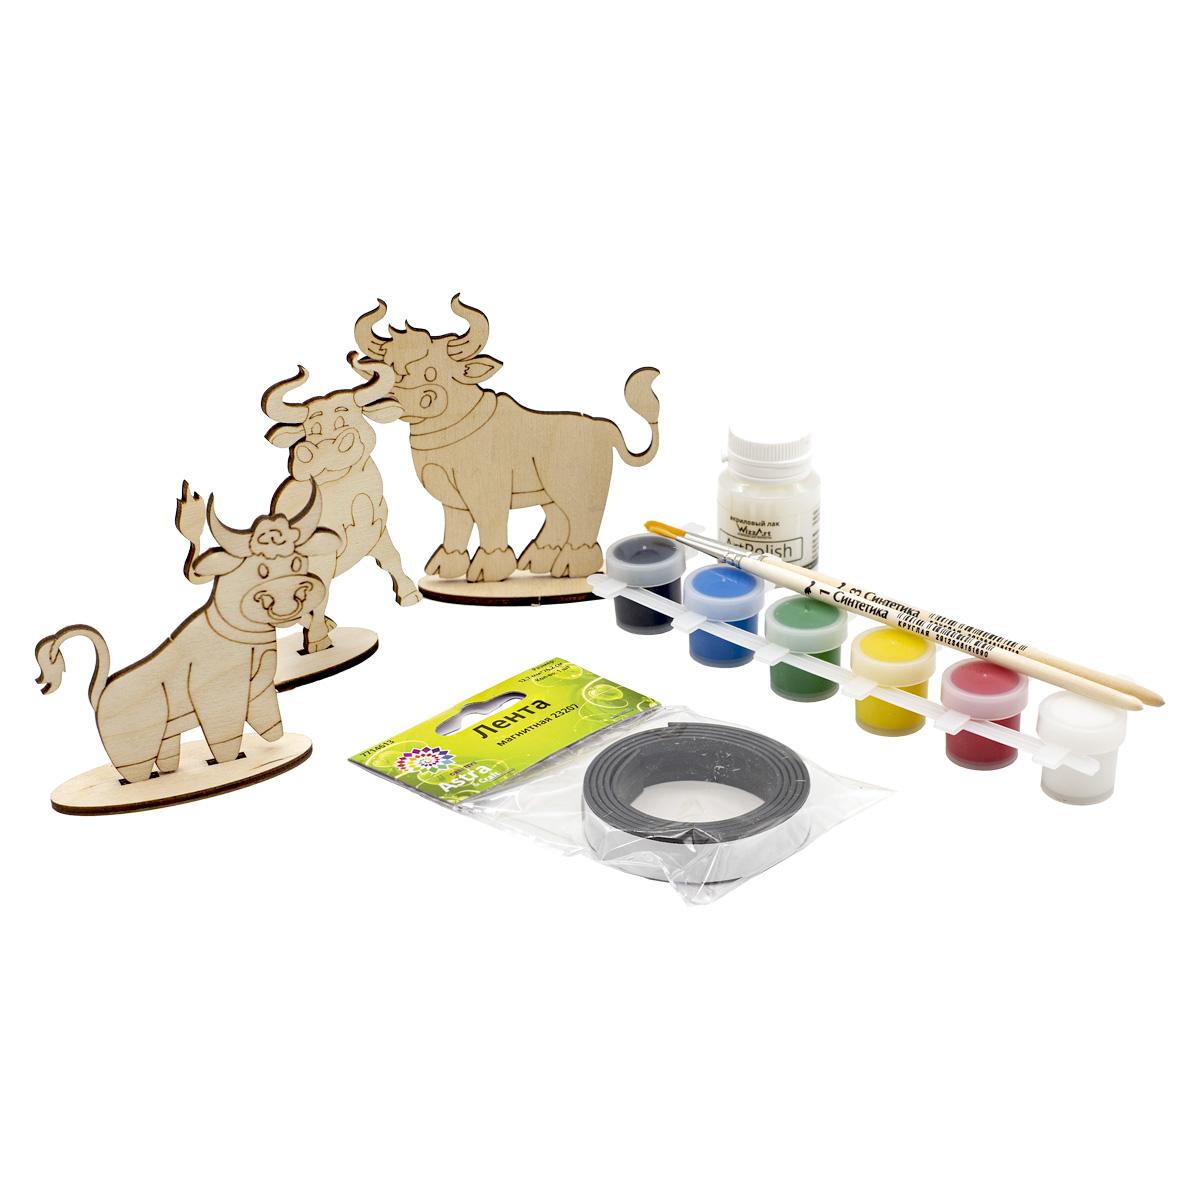 Набор для раскрашивания деревянных заготовок 'Бычки' №2, 8 предметов, Astra&Craft